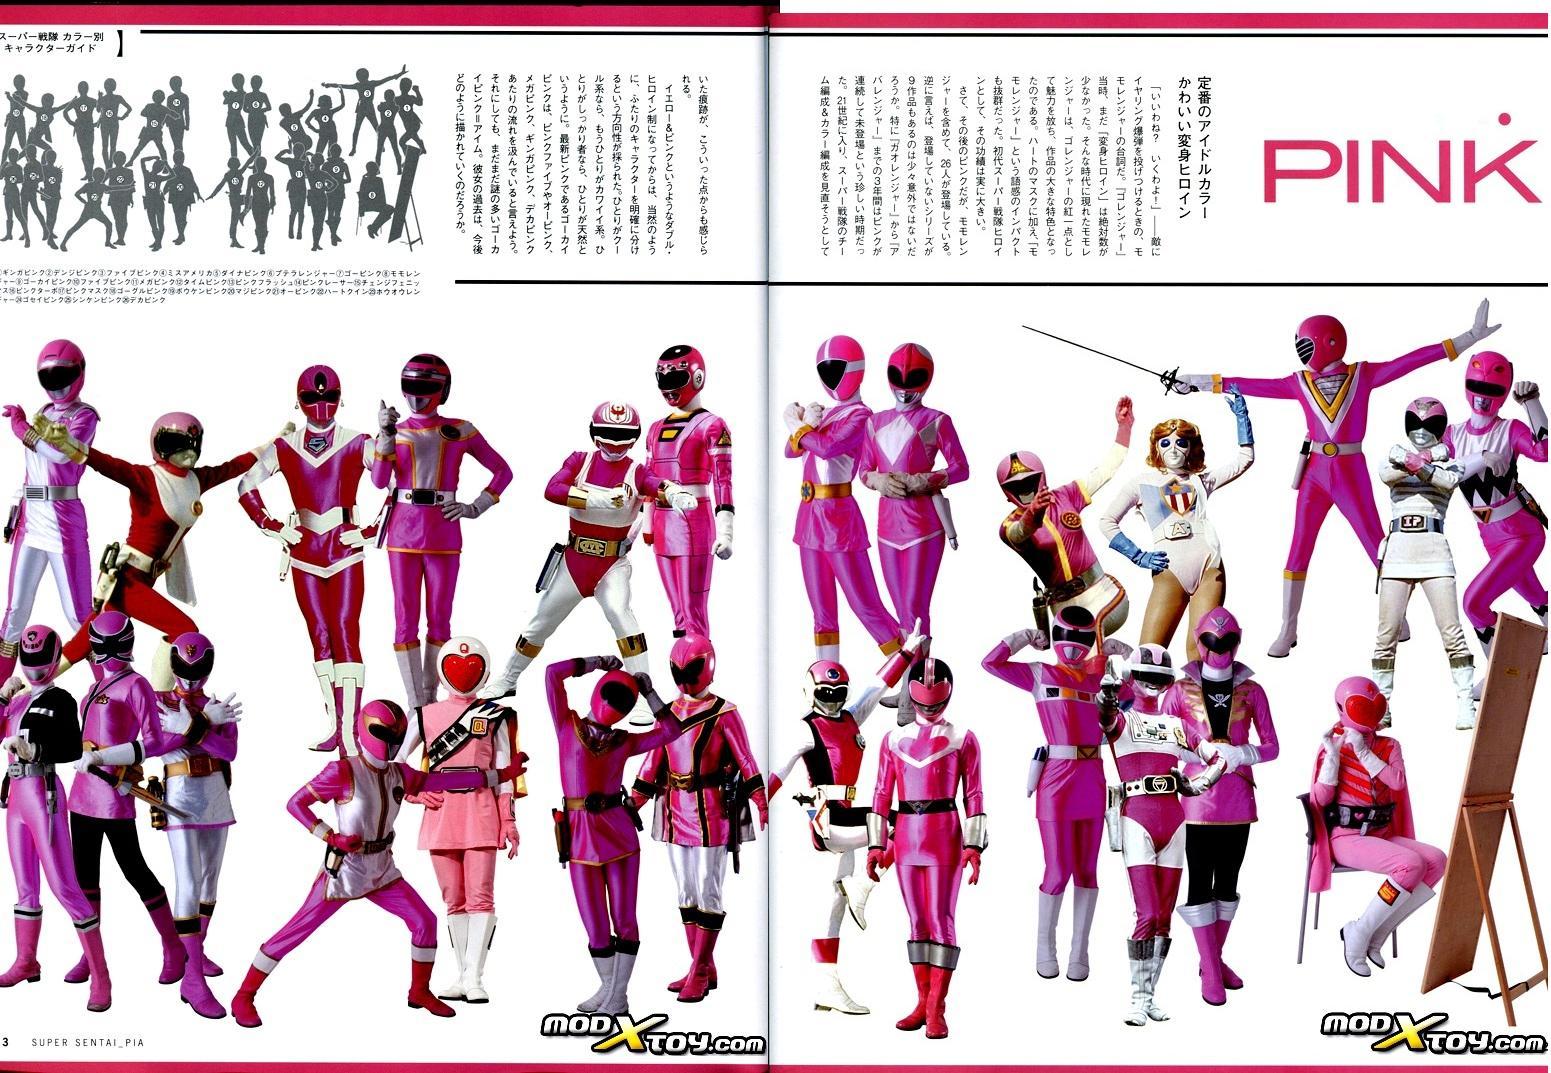 Category:Sentai Pink | RangerWiki | FANDOM powered by Wikia